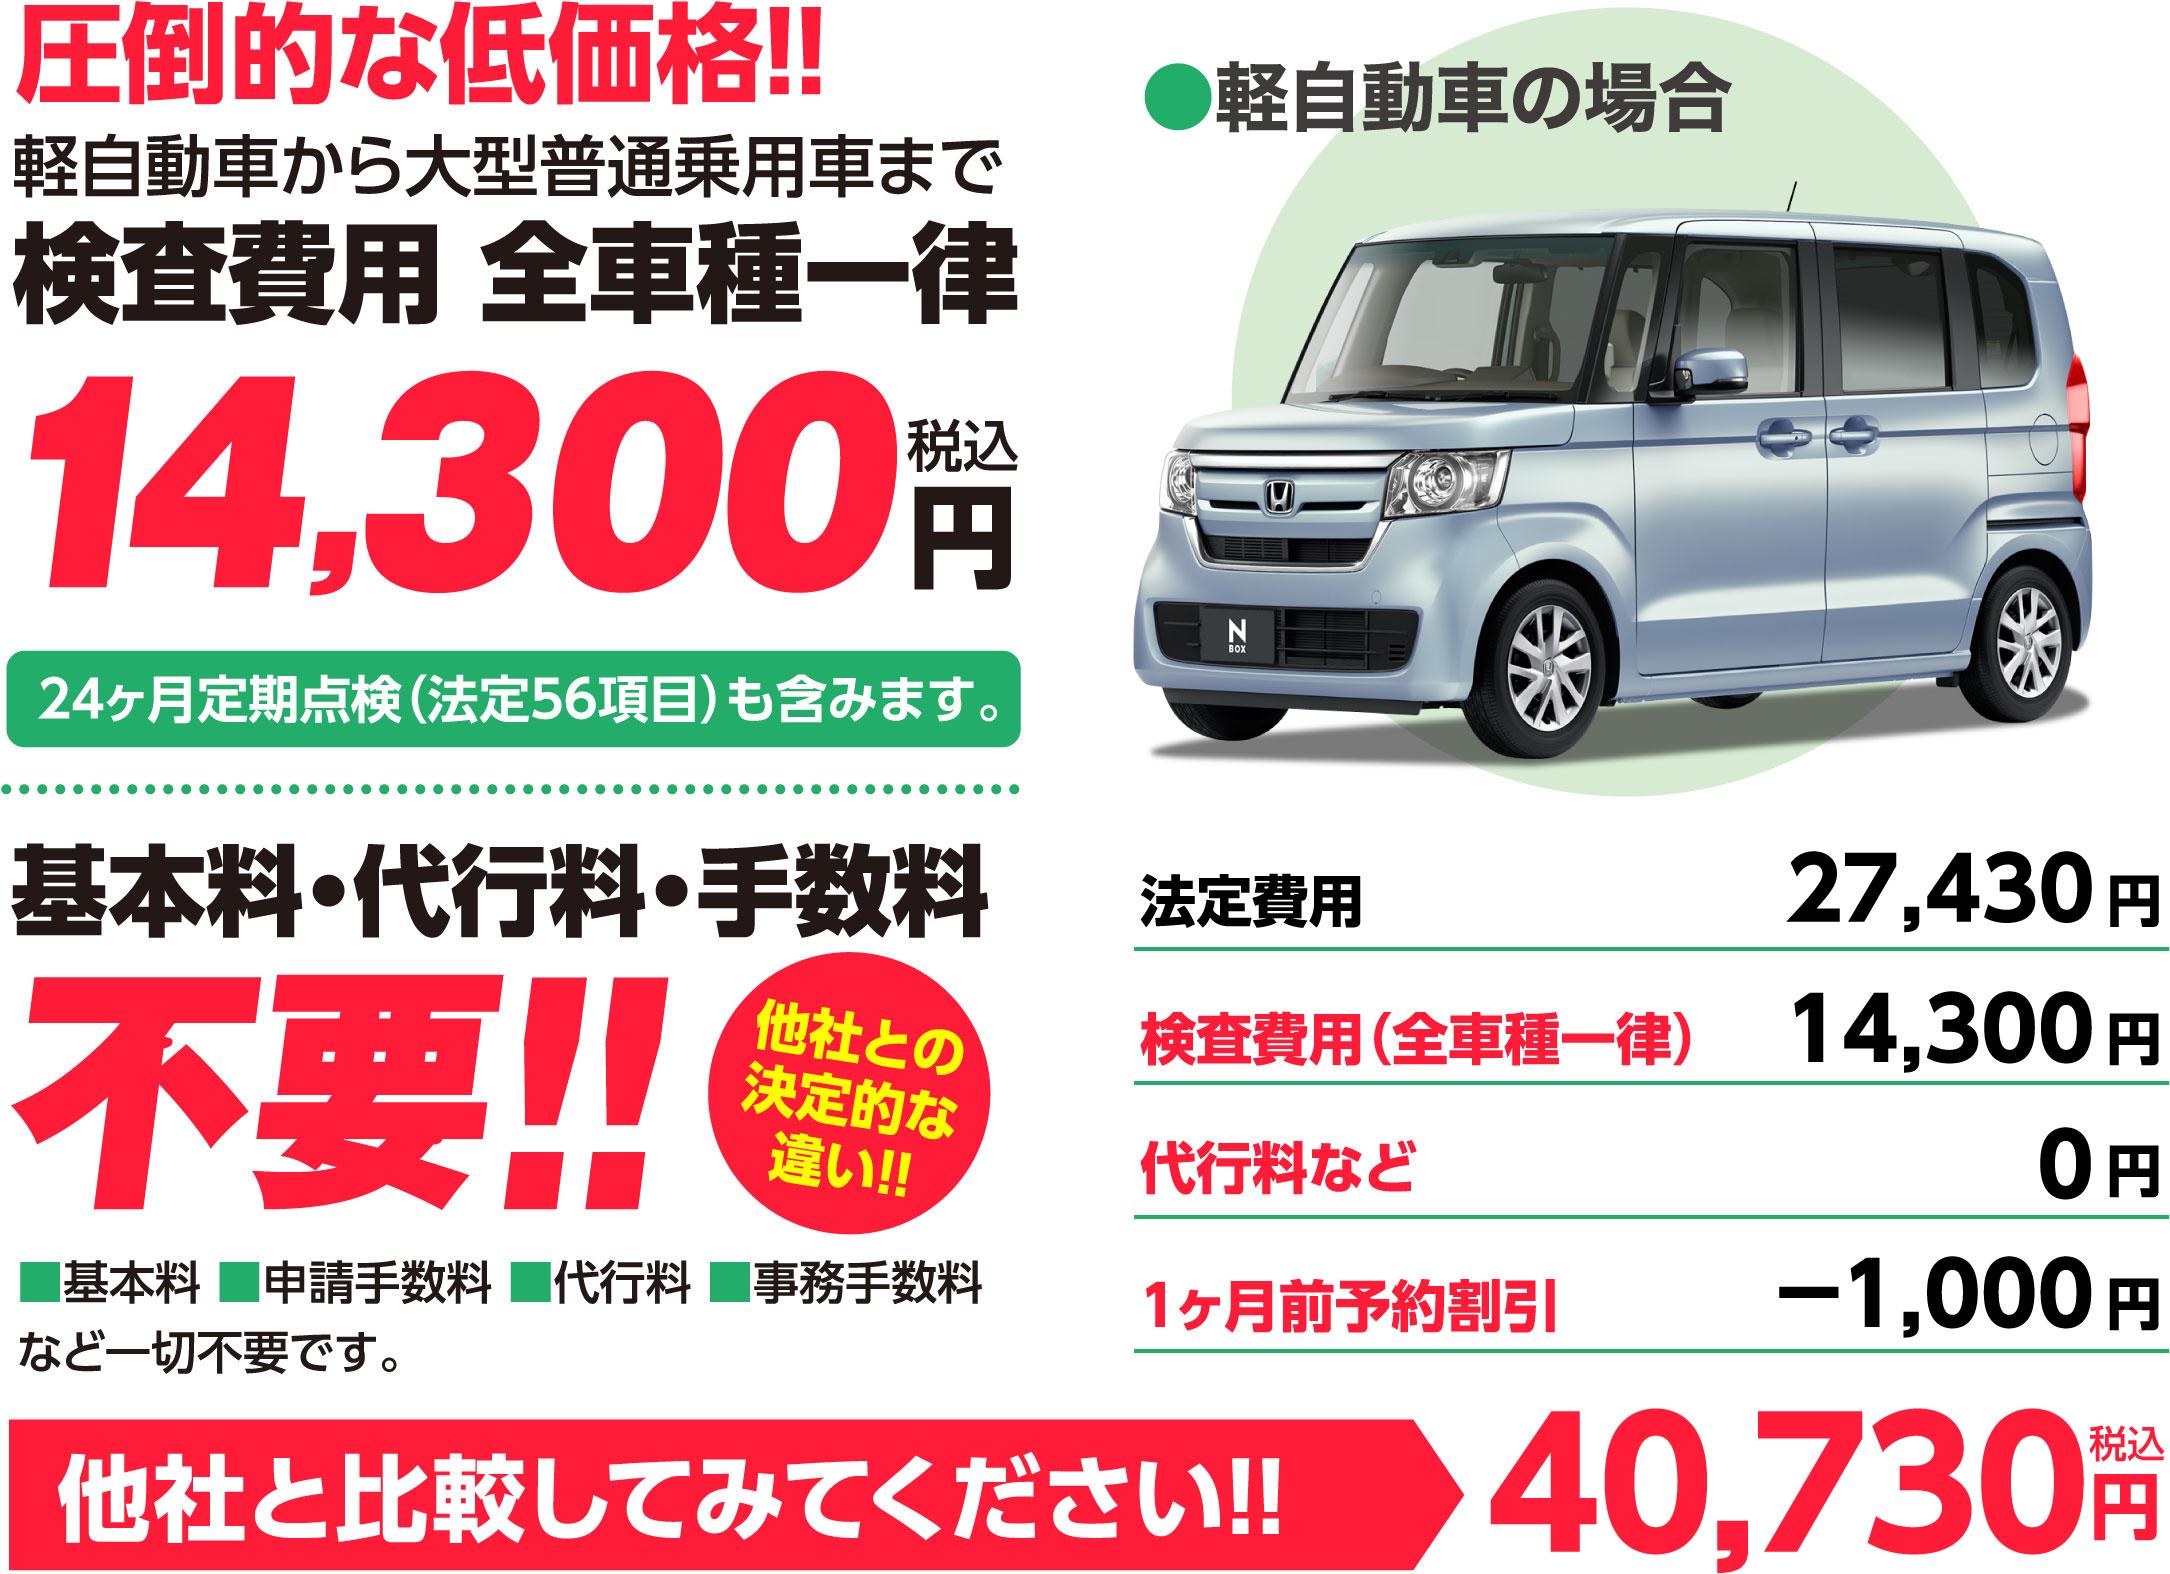 圧倒的な低価格!!軽自動車から大型普通乗用車まで検査費用 全車種一律13,000円税別